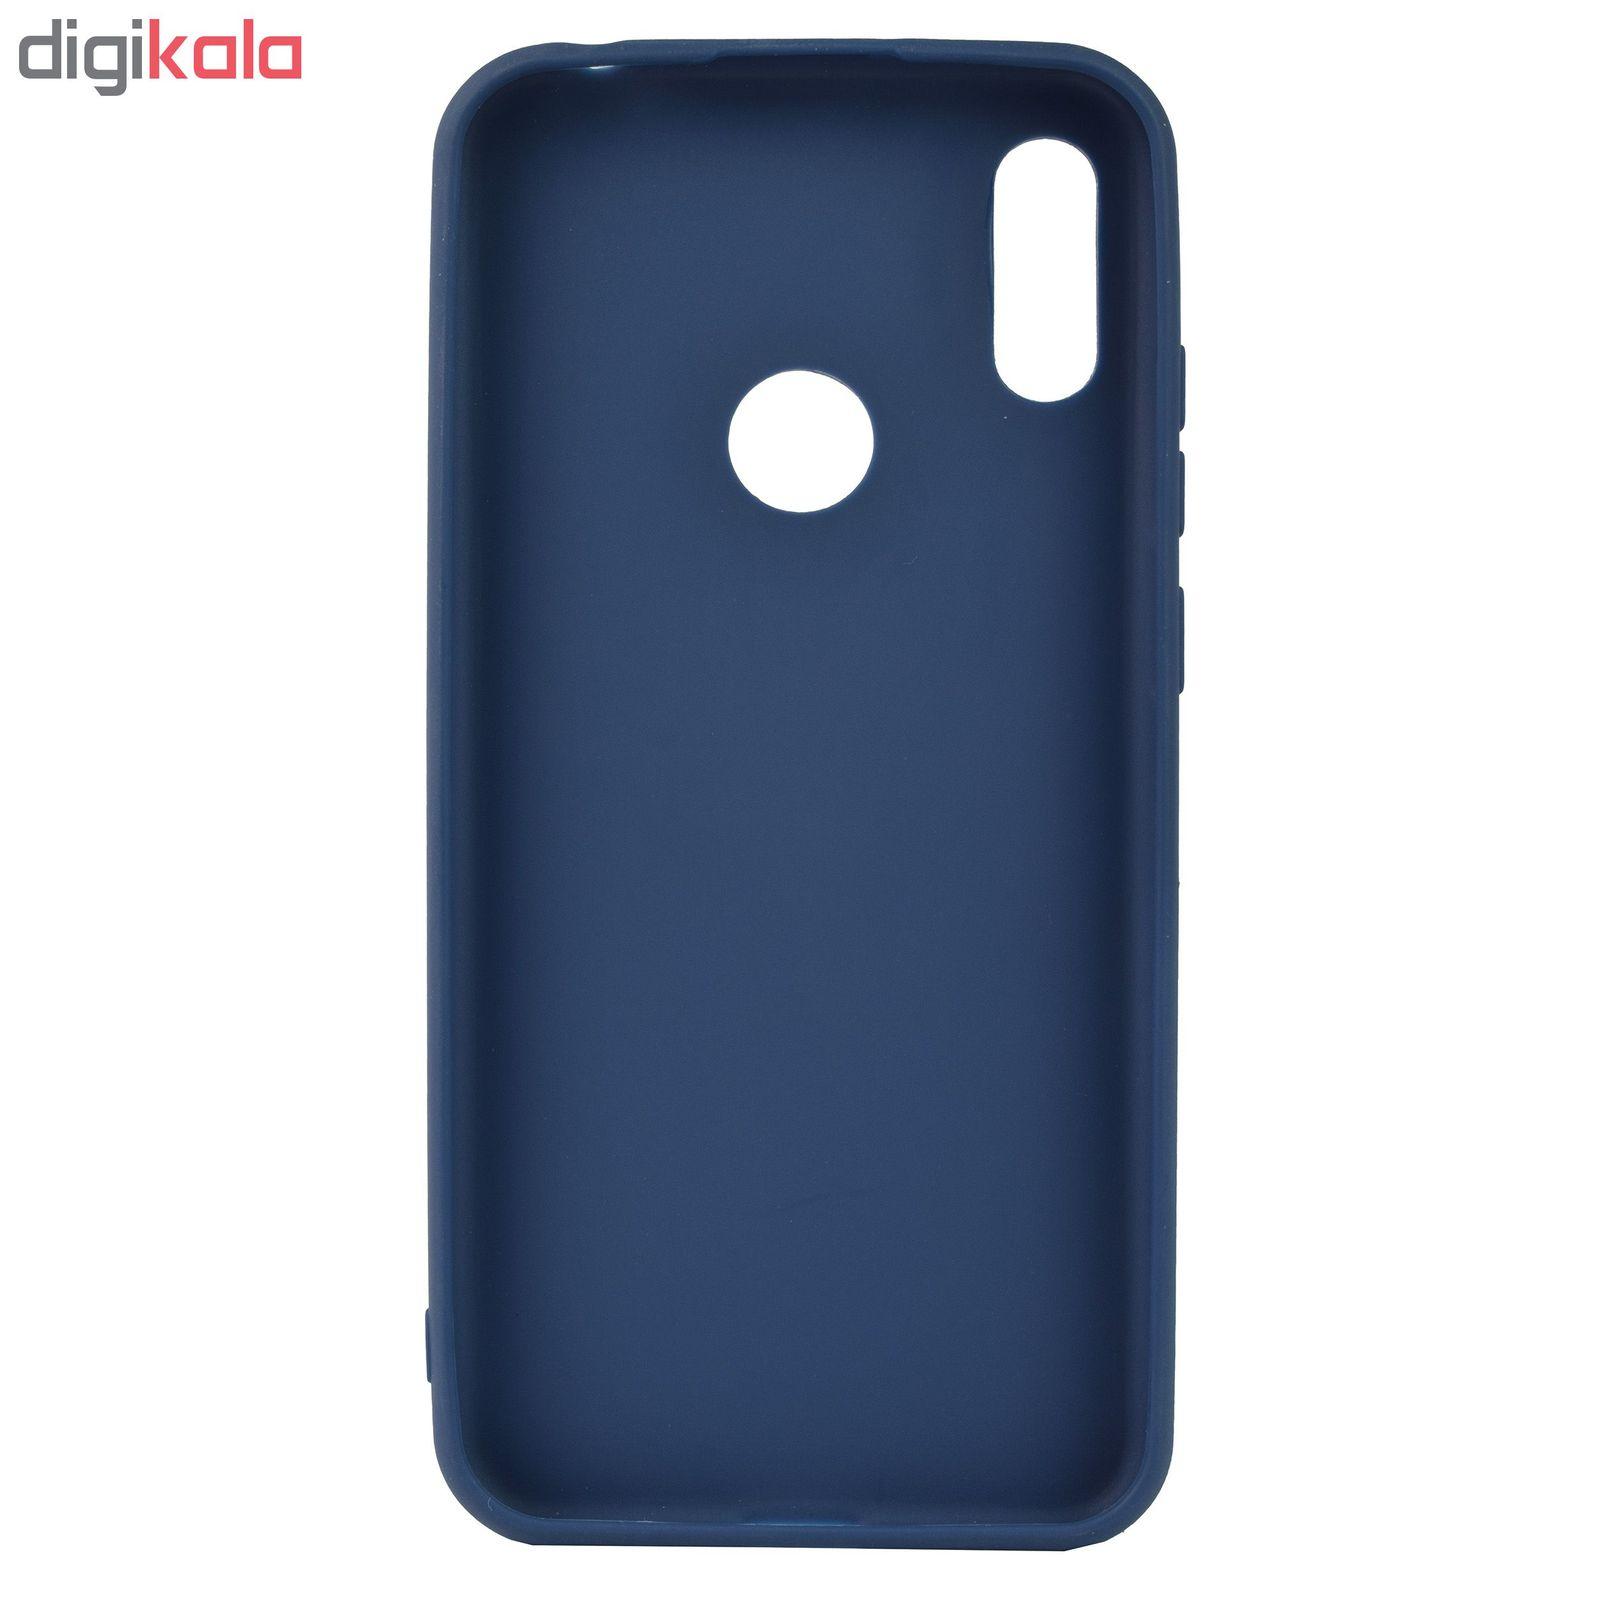 کاور مدل SC20 مناسب برای گوشی موبایل هوآوی Y6 Prime 2019 main 1 11